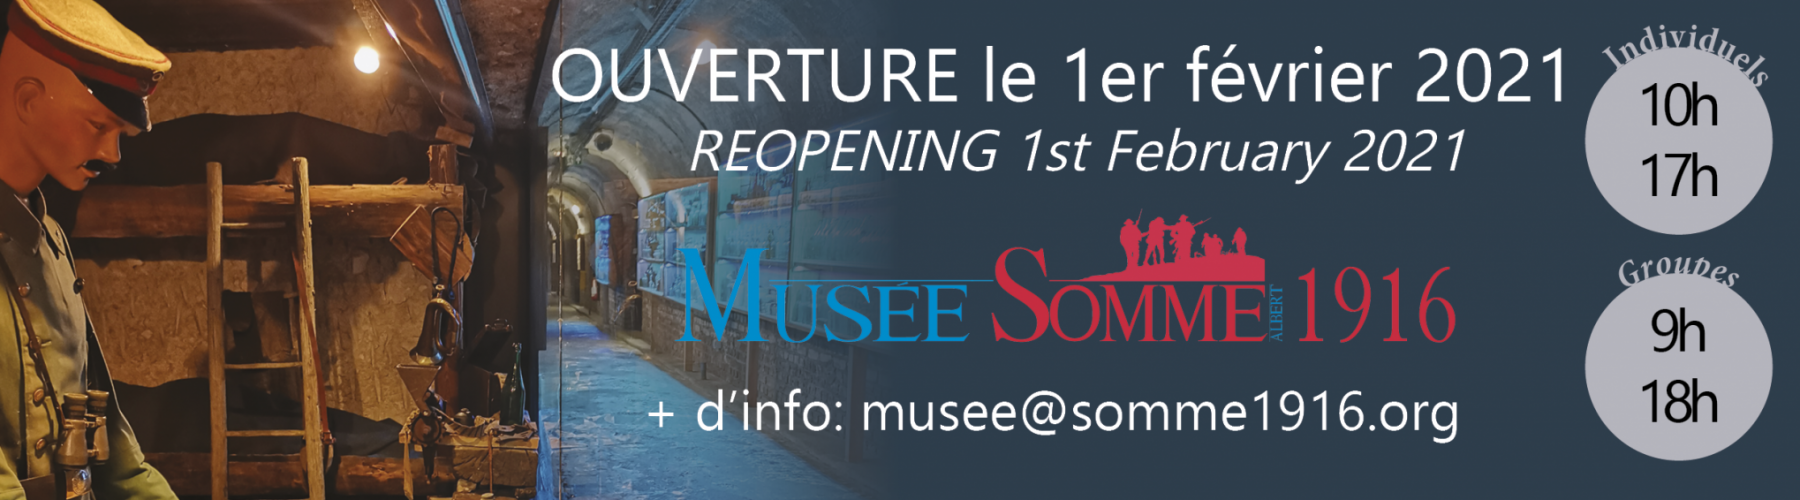 Bandeau-FB-réouverture-1er-fevrier-2021-2048x566